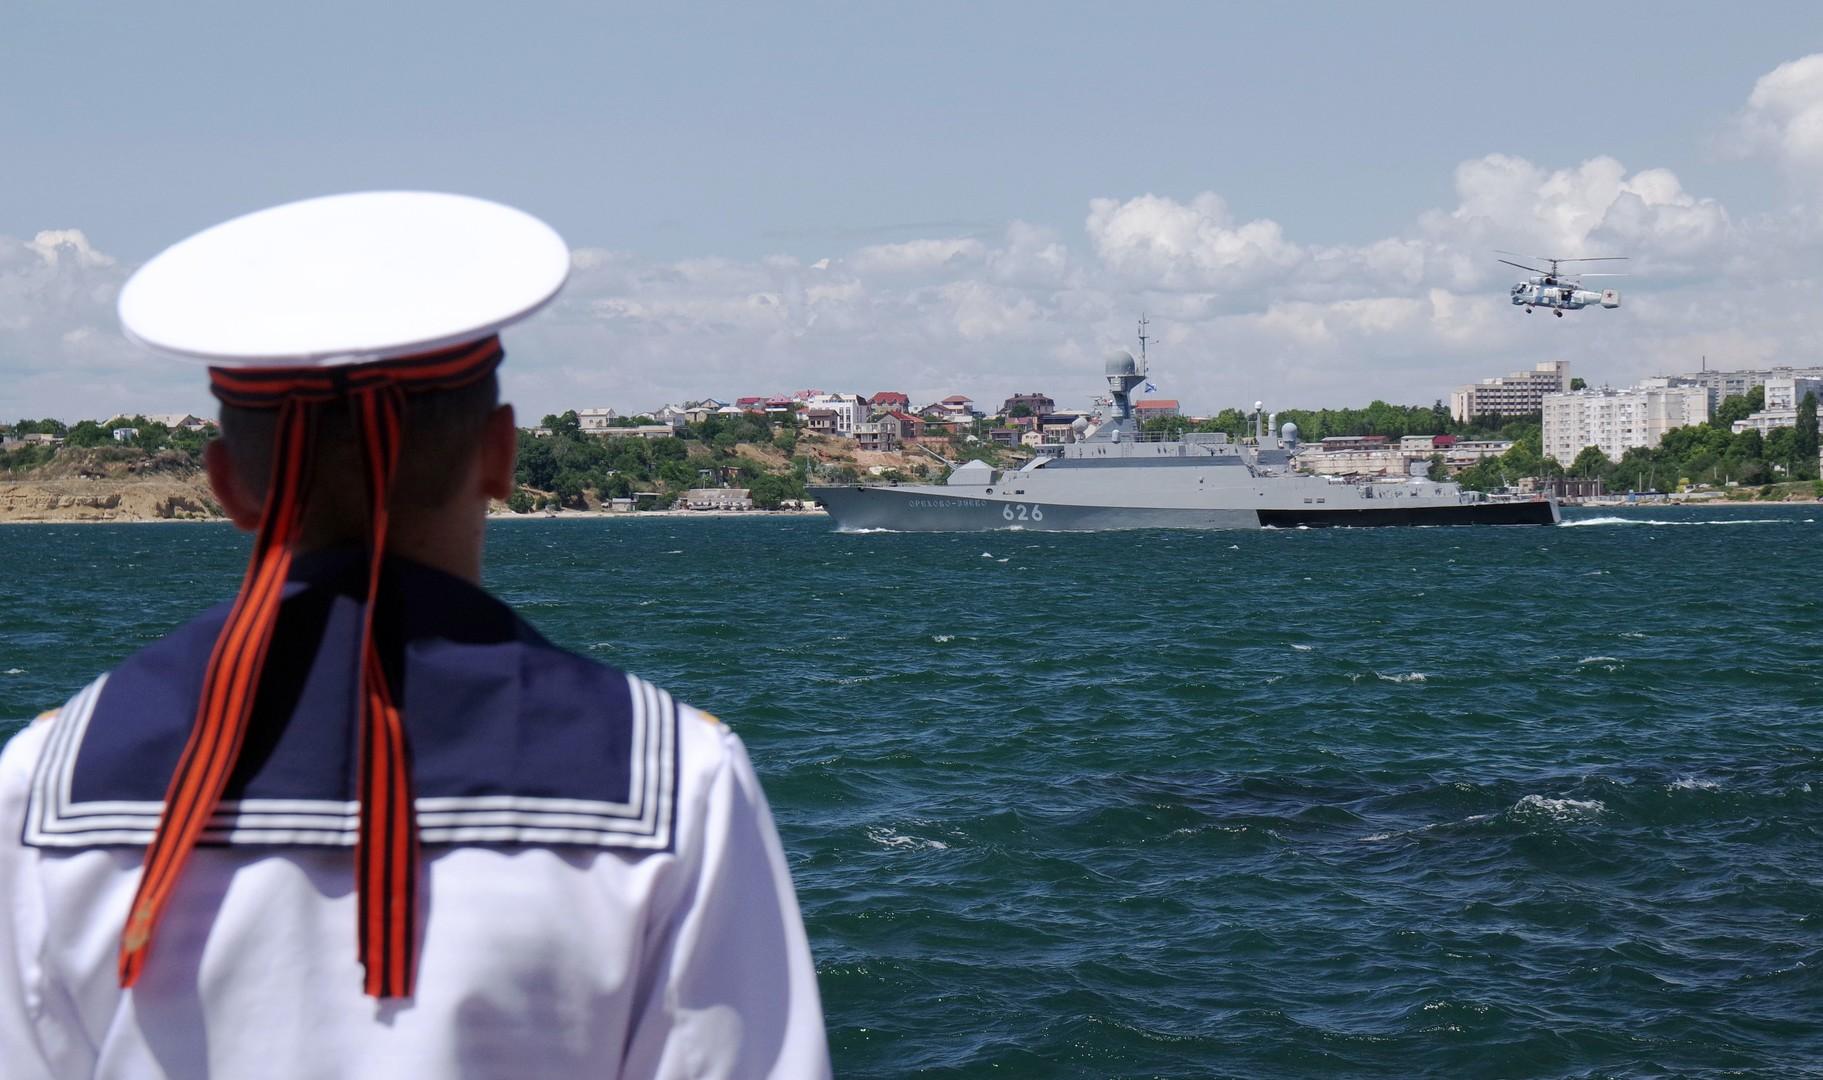 البحر الأسود - أرشيف